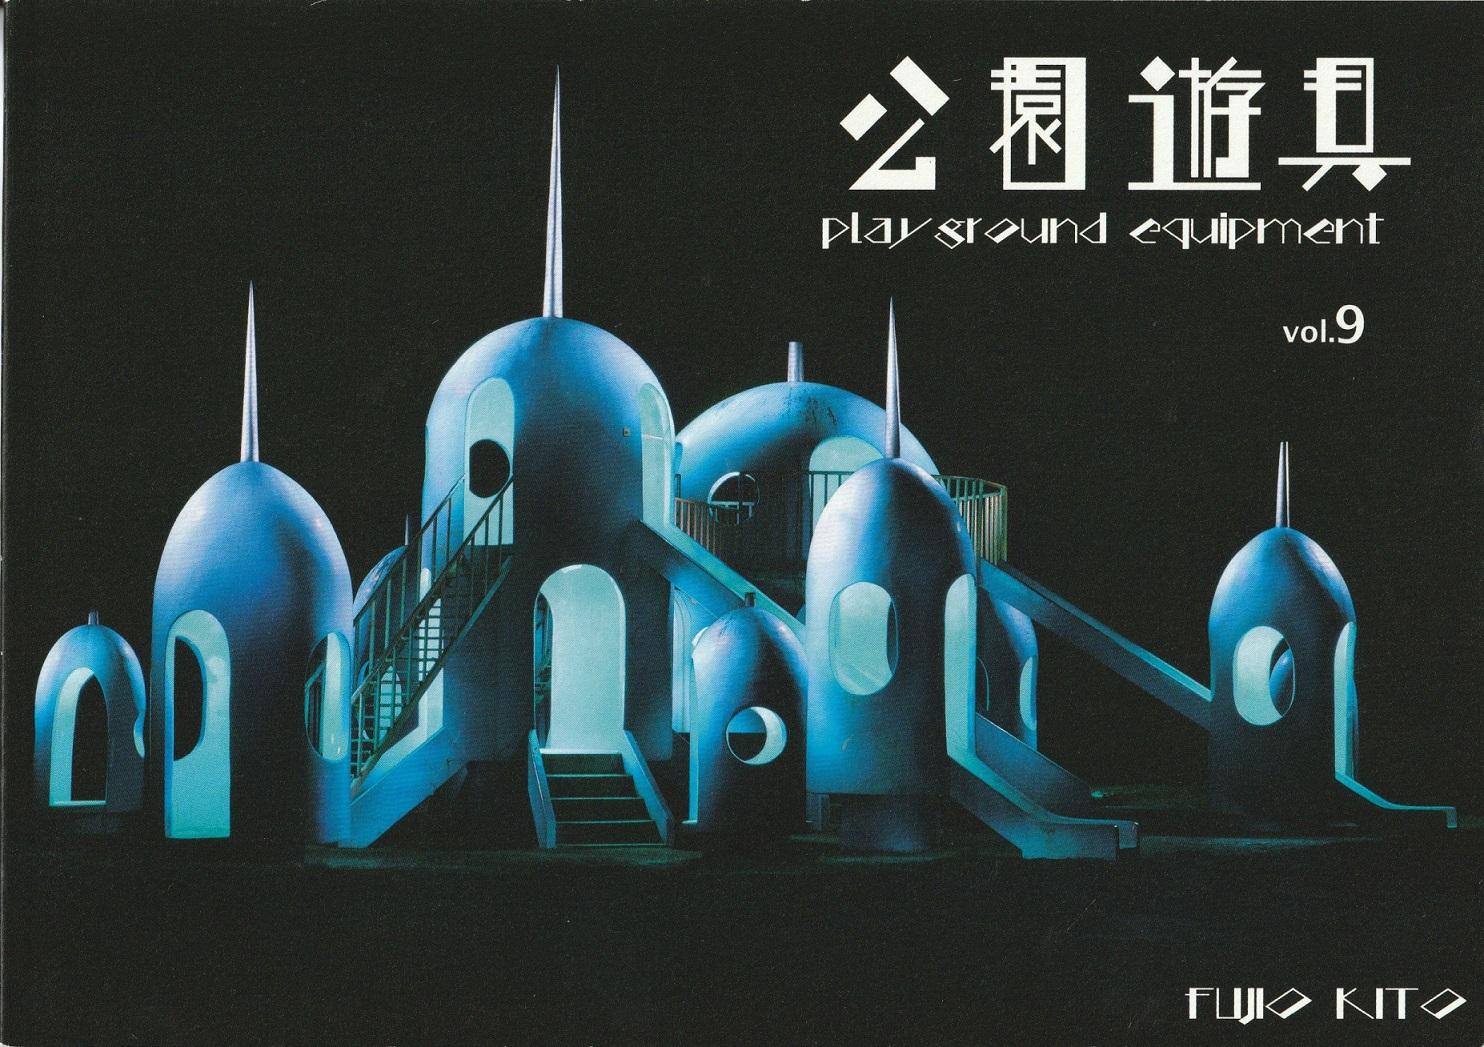 公園遊具Vol.9 【木藤富士夫】画像